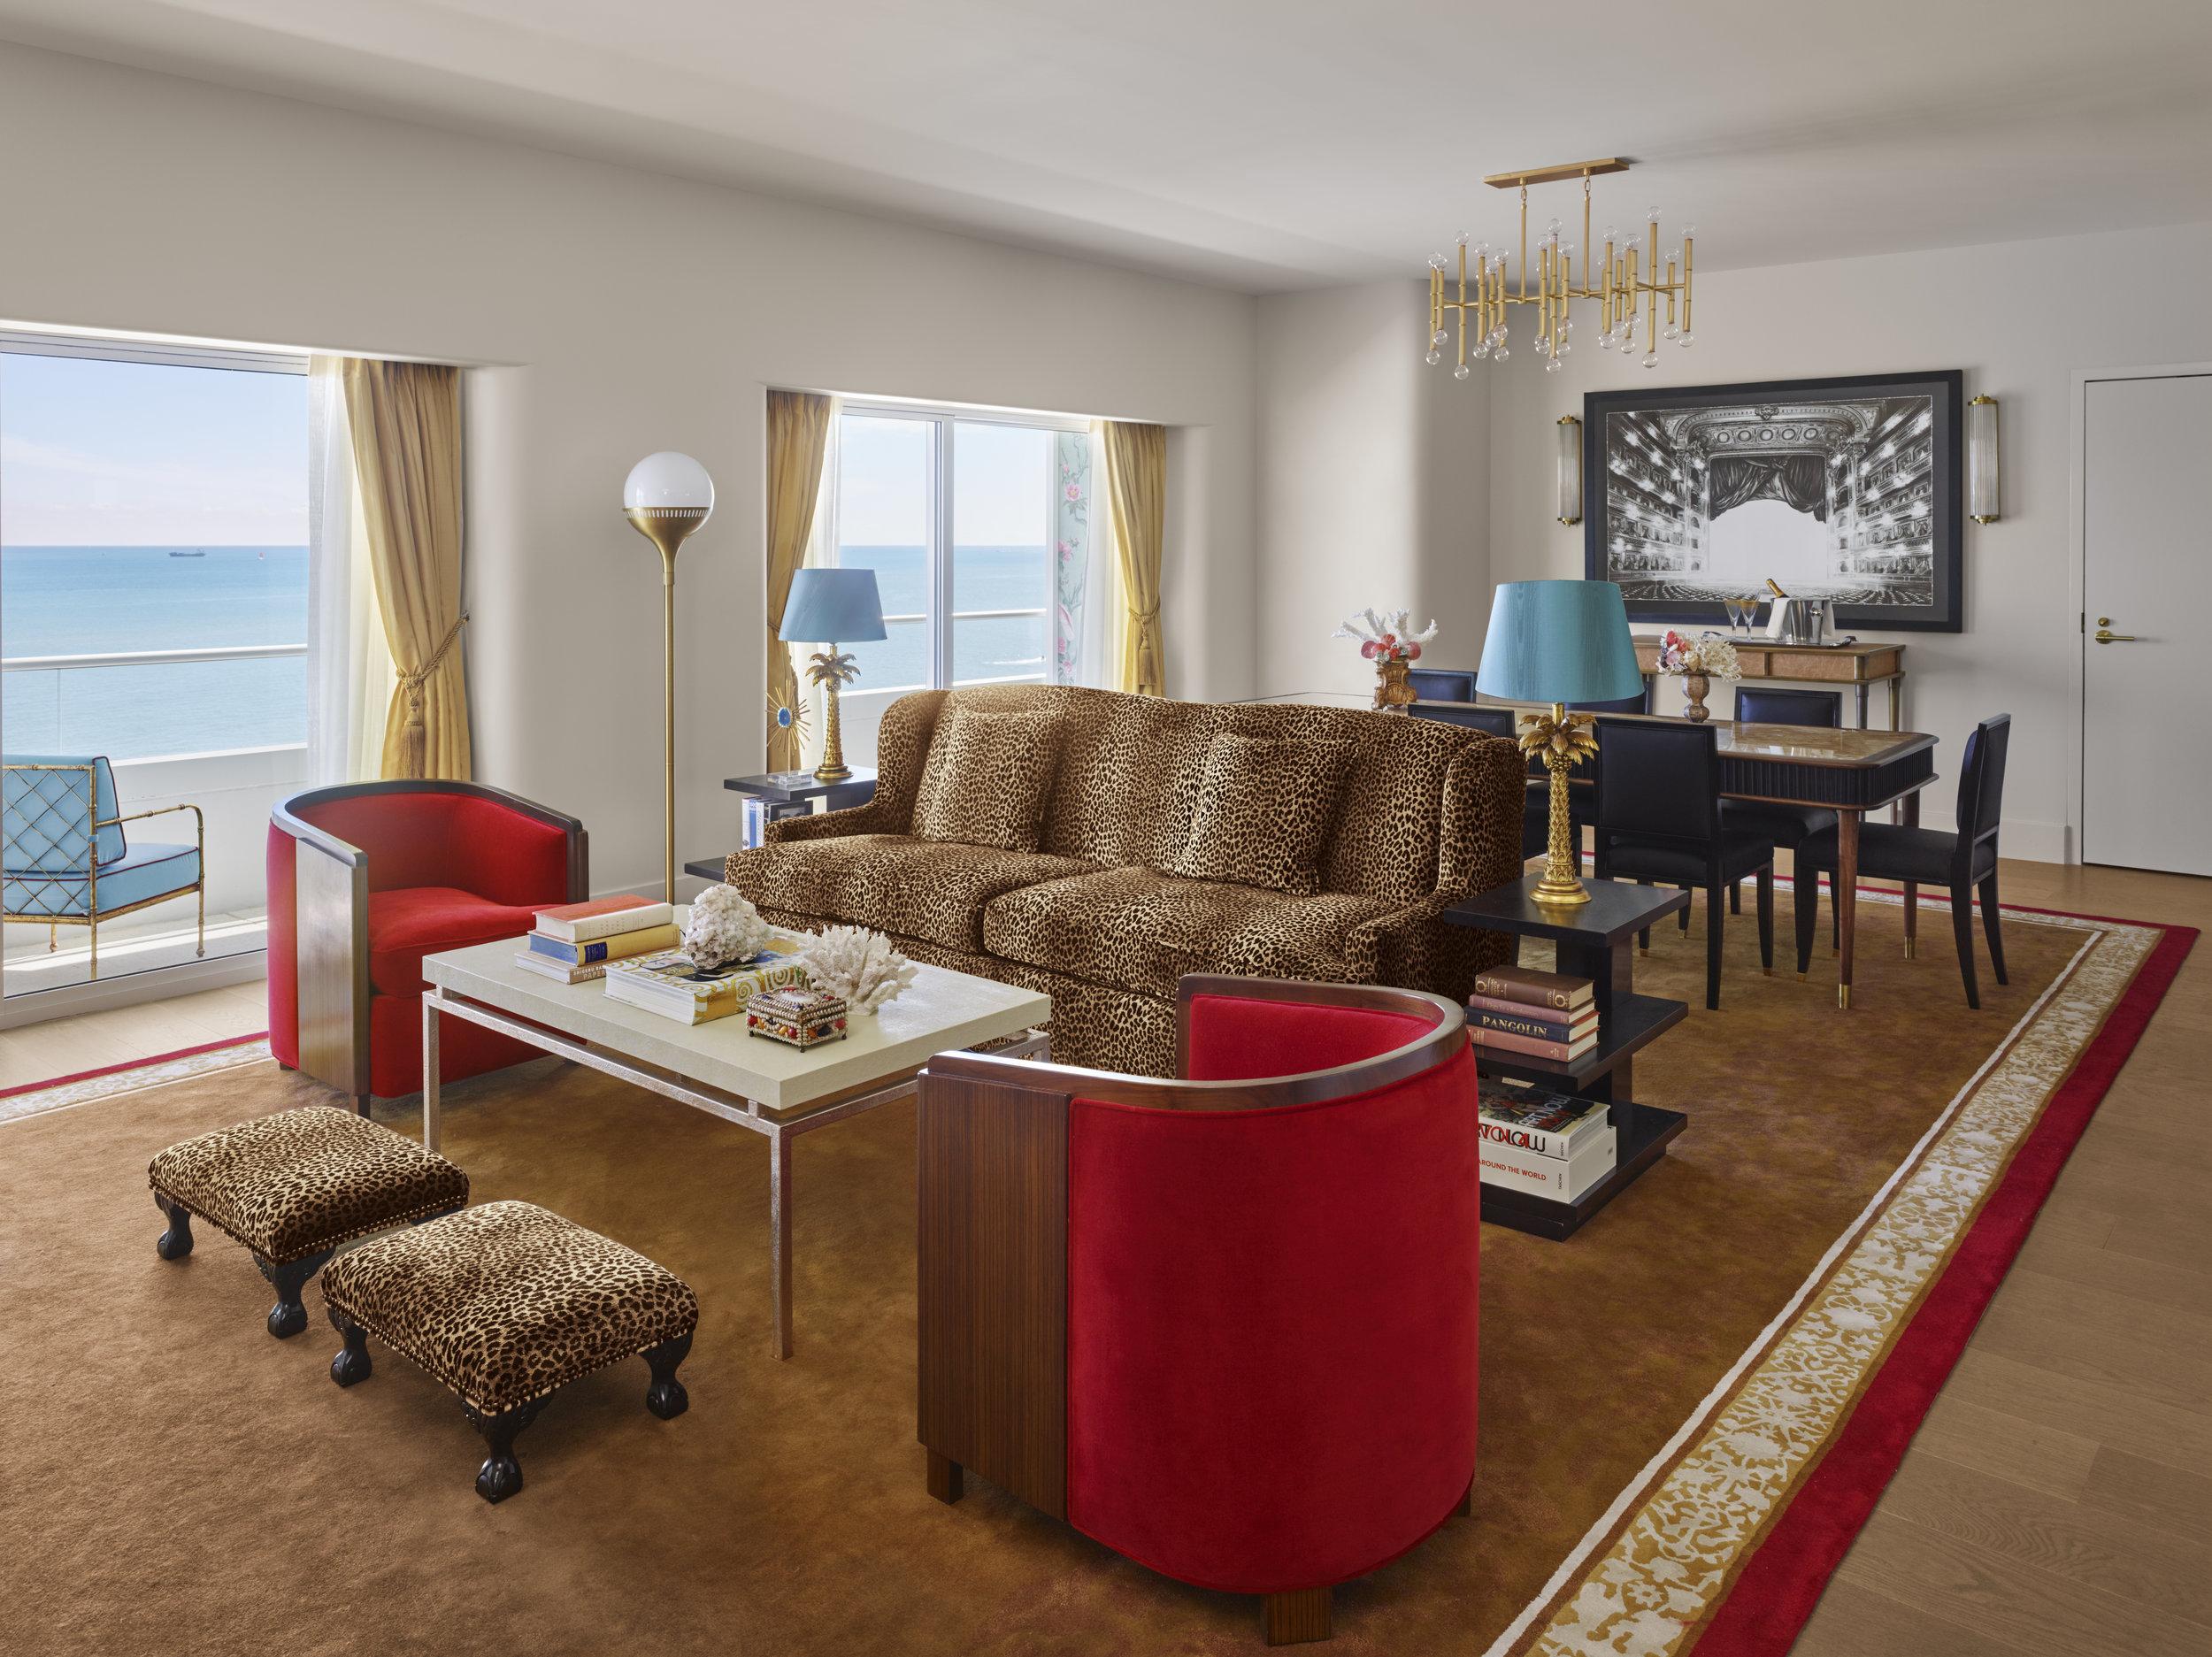 Faena Suite_Living Room_Photo by Nik Koenig.jpg